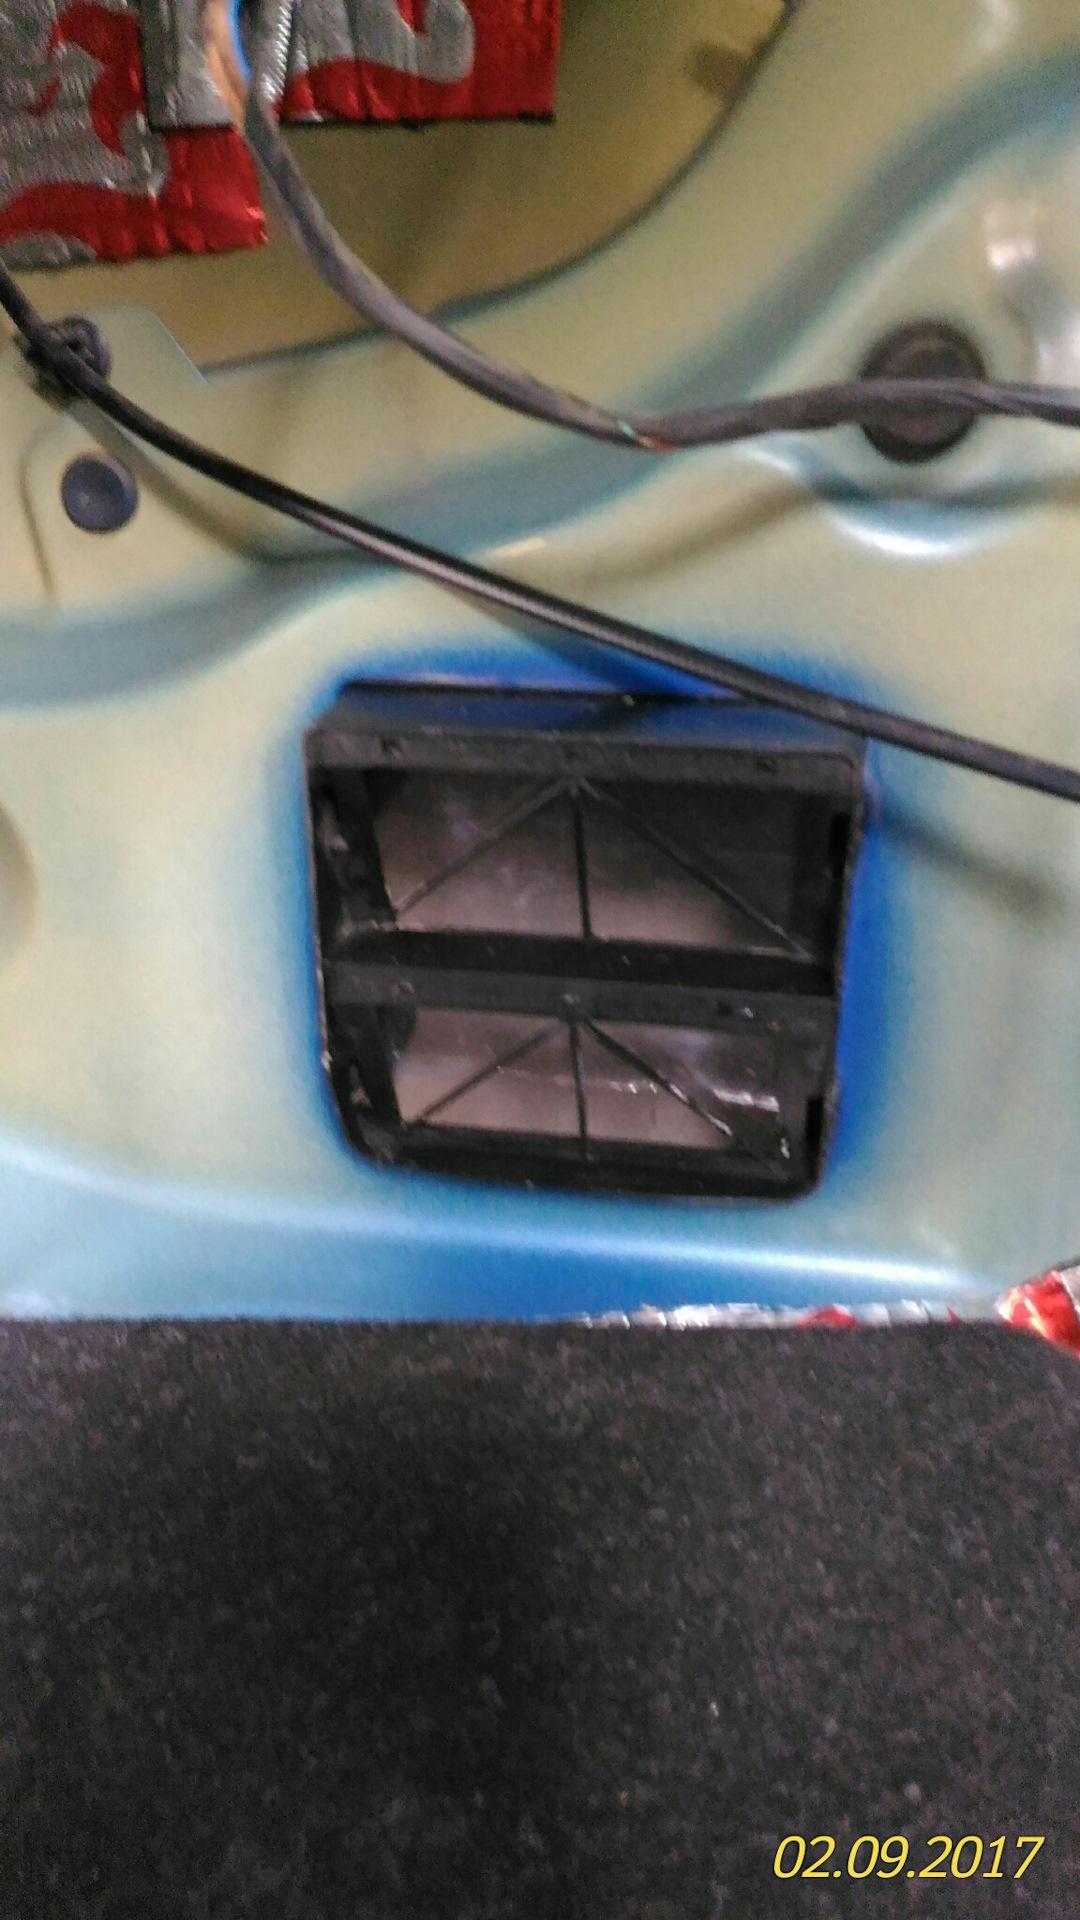 фото заклеил вентиляционные клапана в багажнике найти болезнь, которую